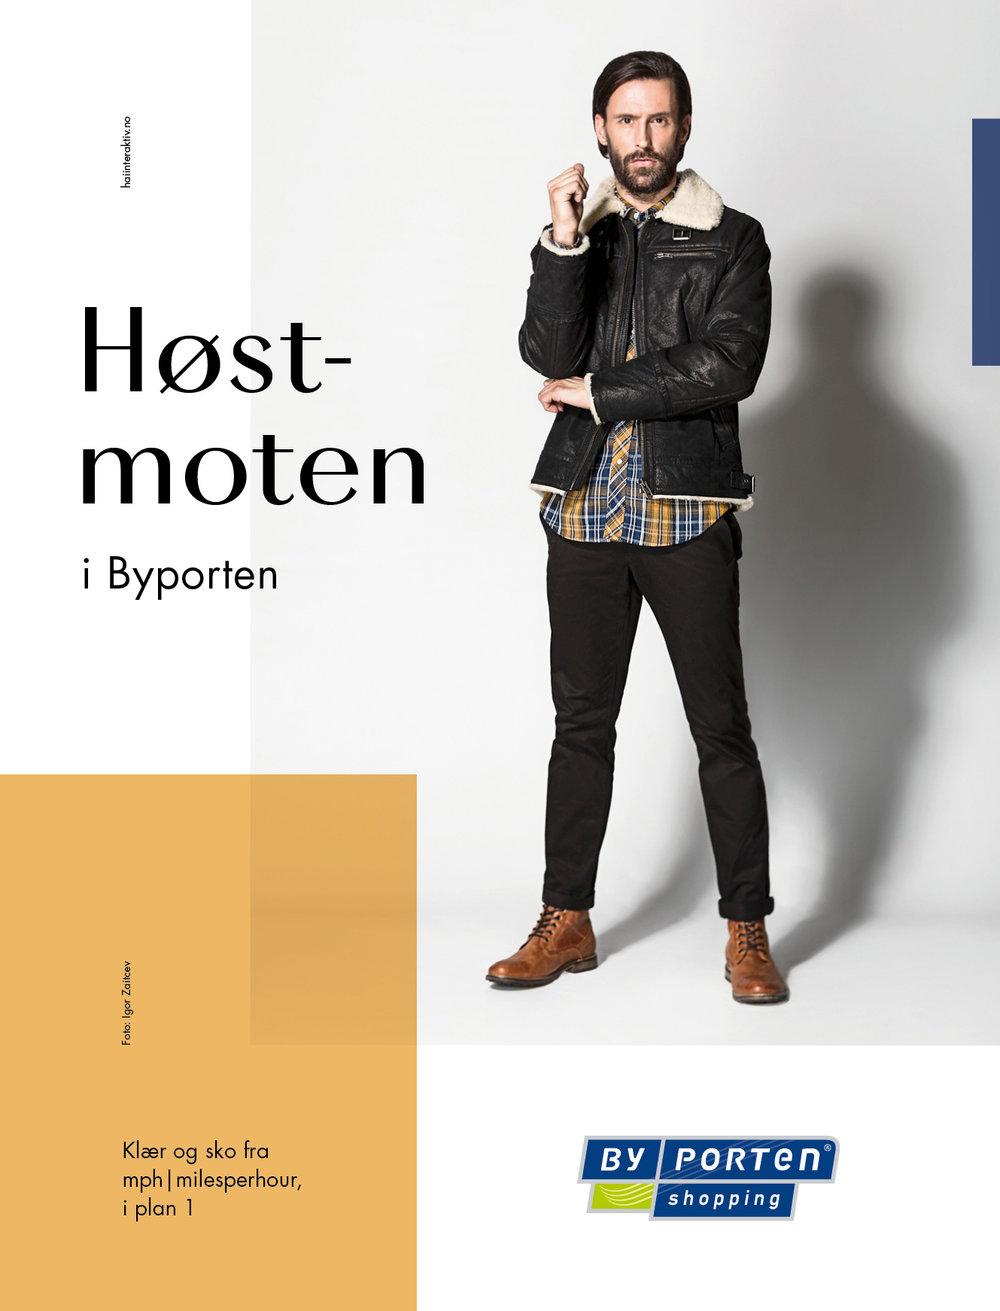 20171018-Høstmoten-TARA-Herre.jpg